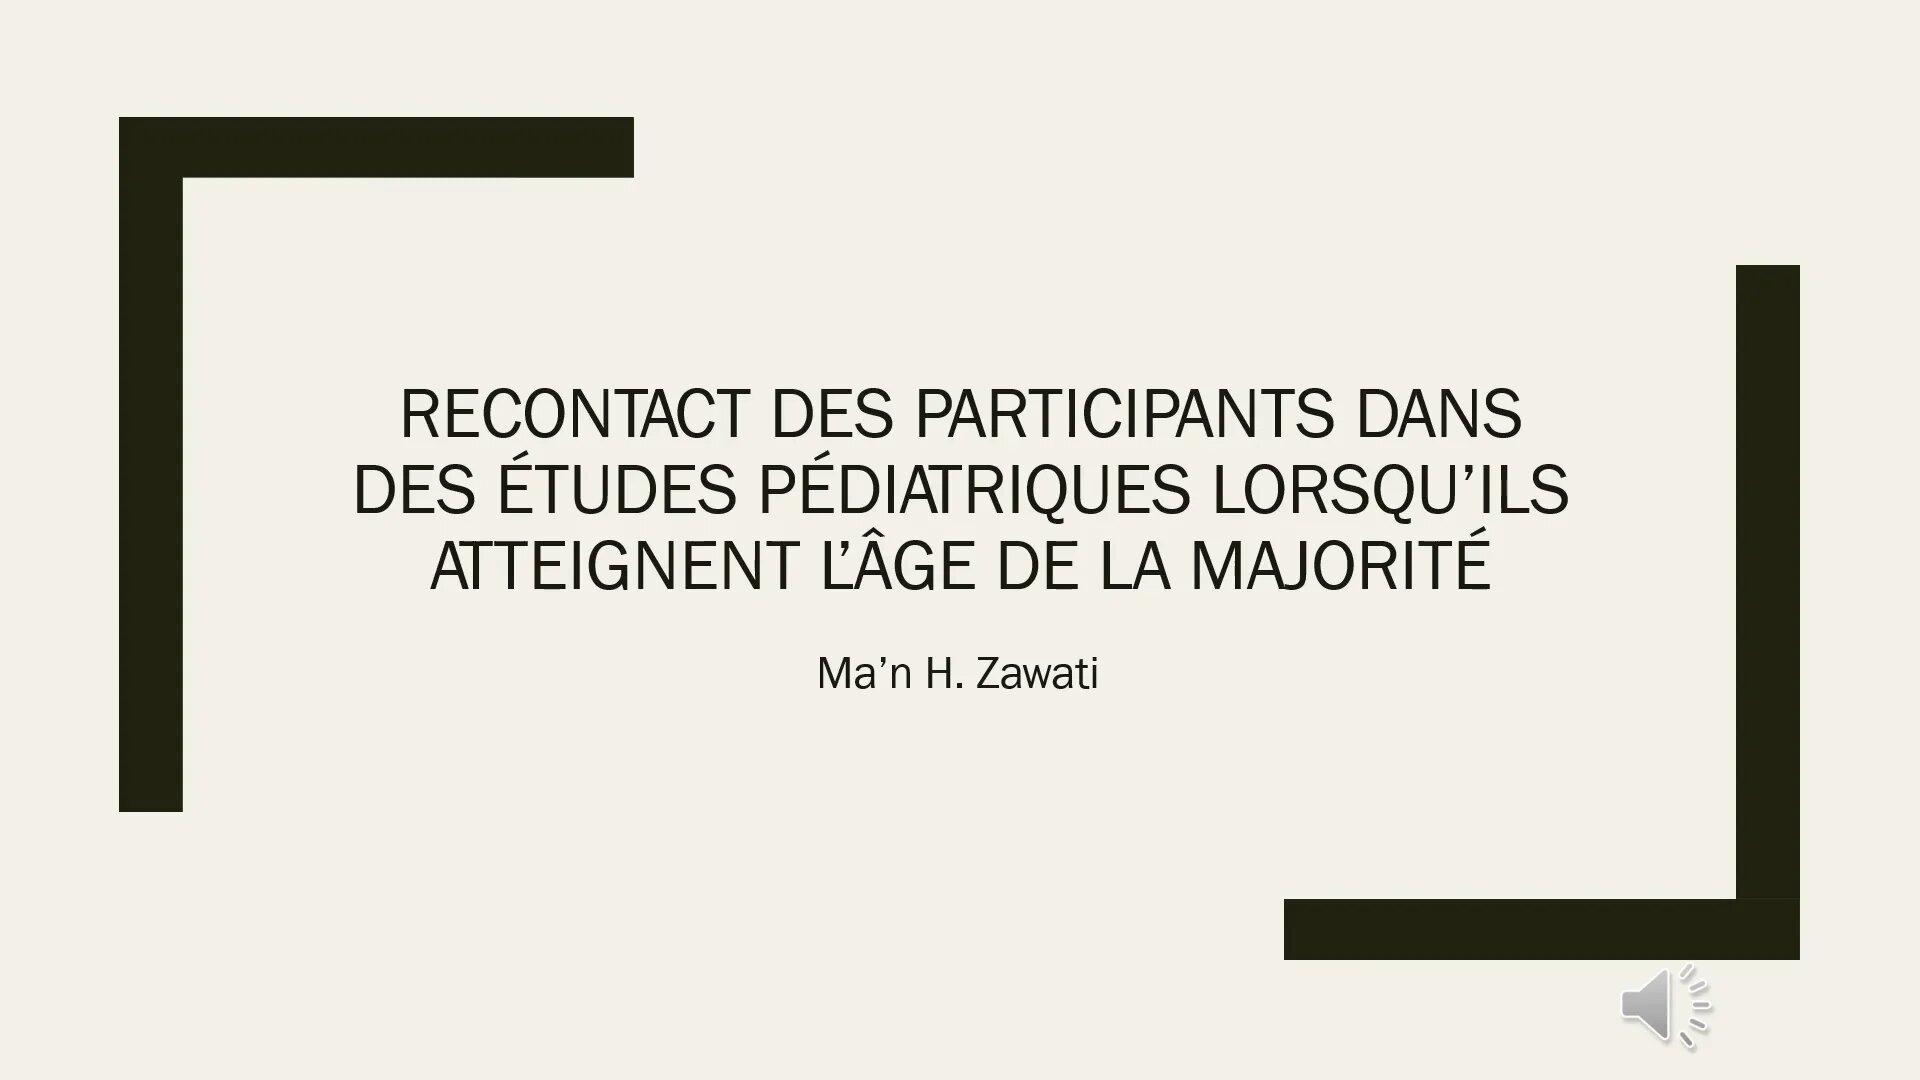 Le consentement dans le cadre d'études pédiatriques